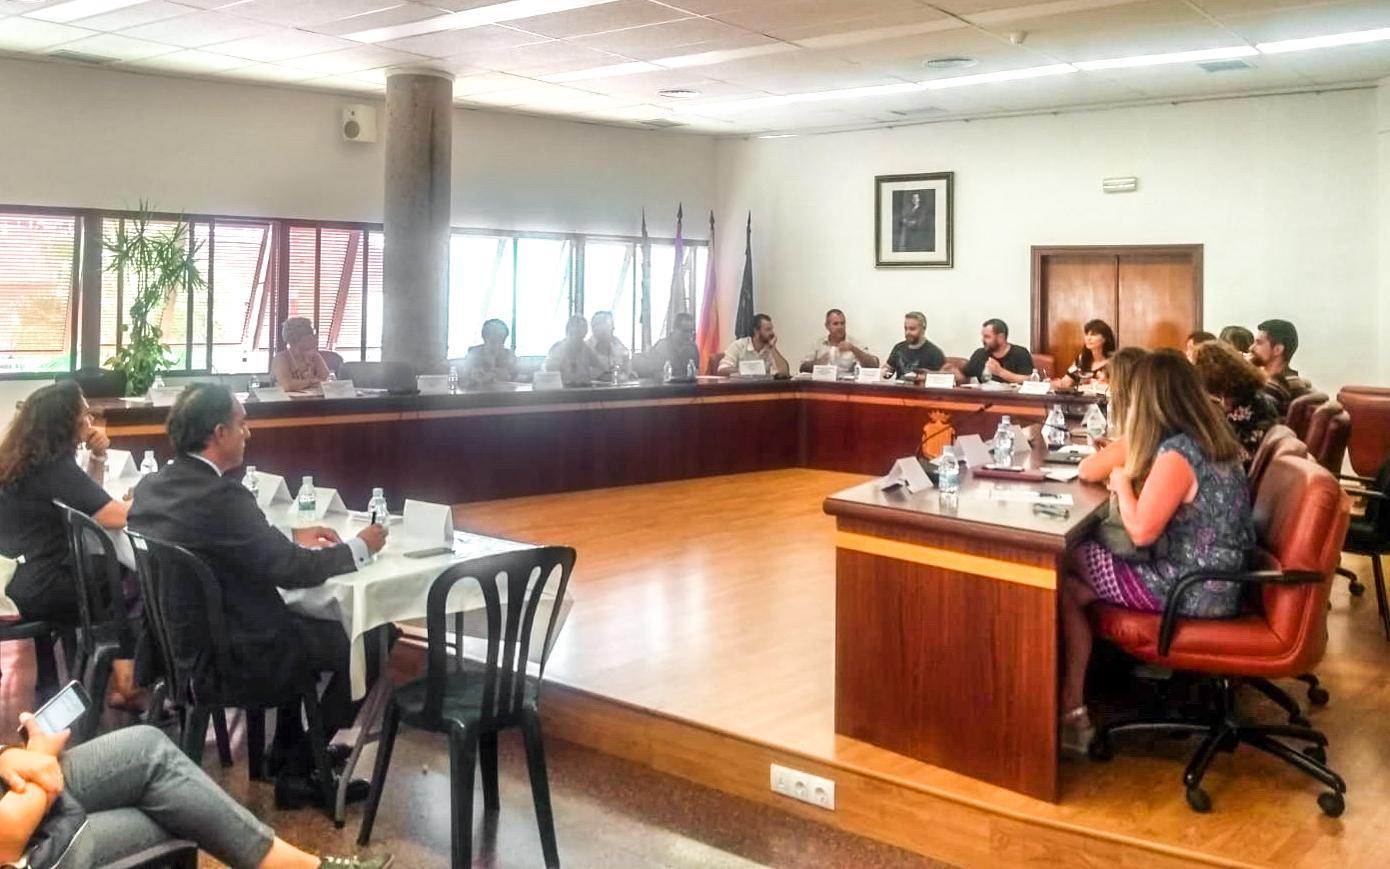 Aprobada la solicitud a Conselleria para la inhabilitación a efectos comerciales del 16 de julio y el 8 de septiembre